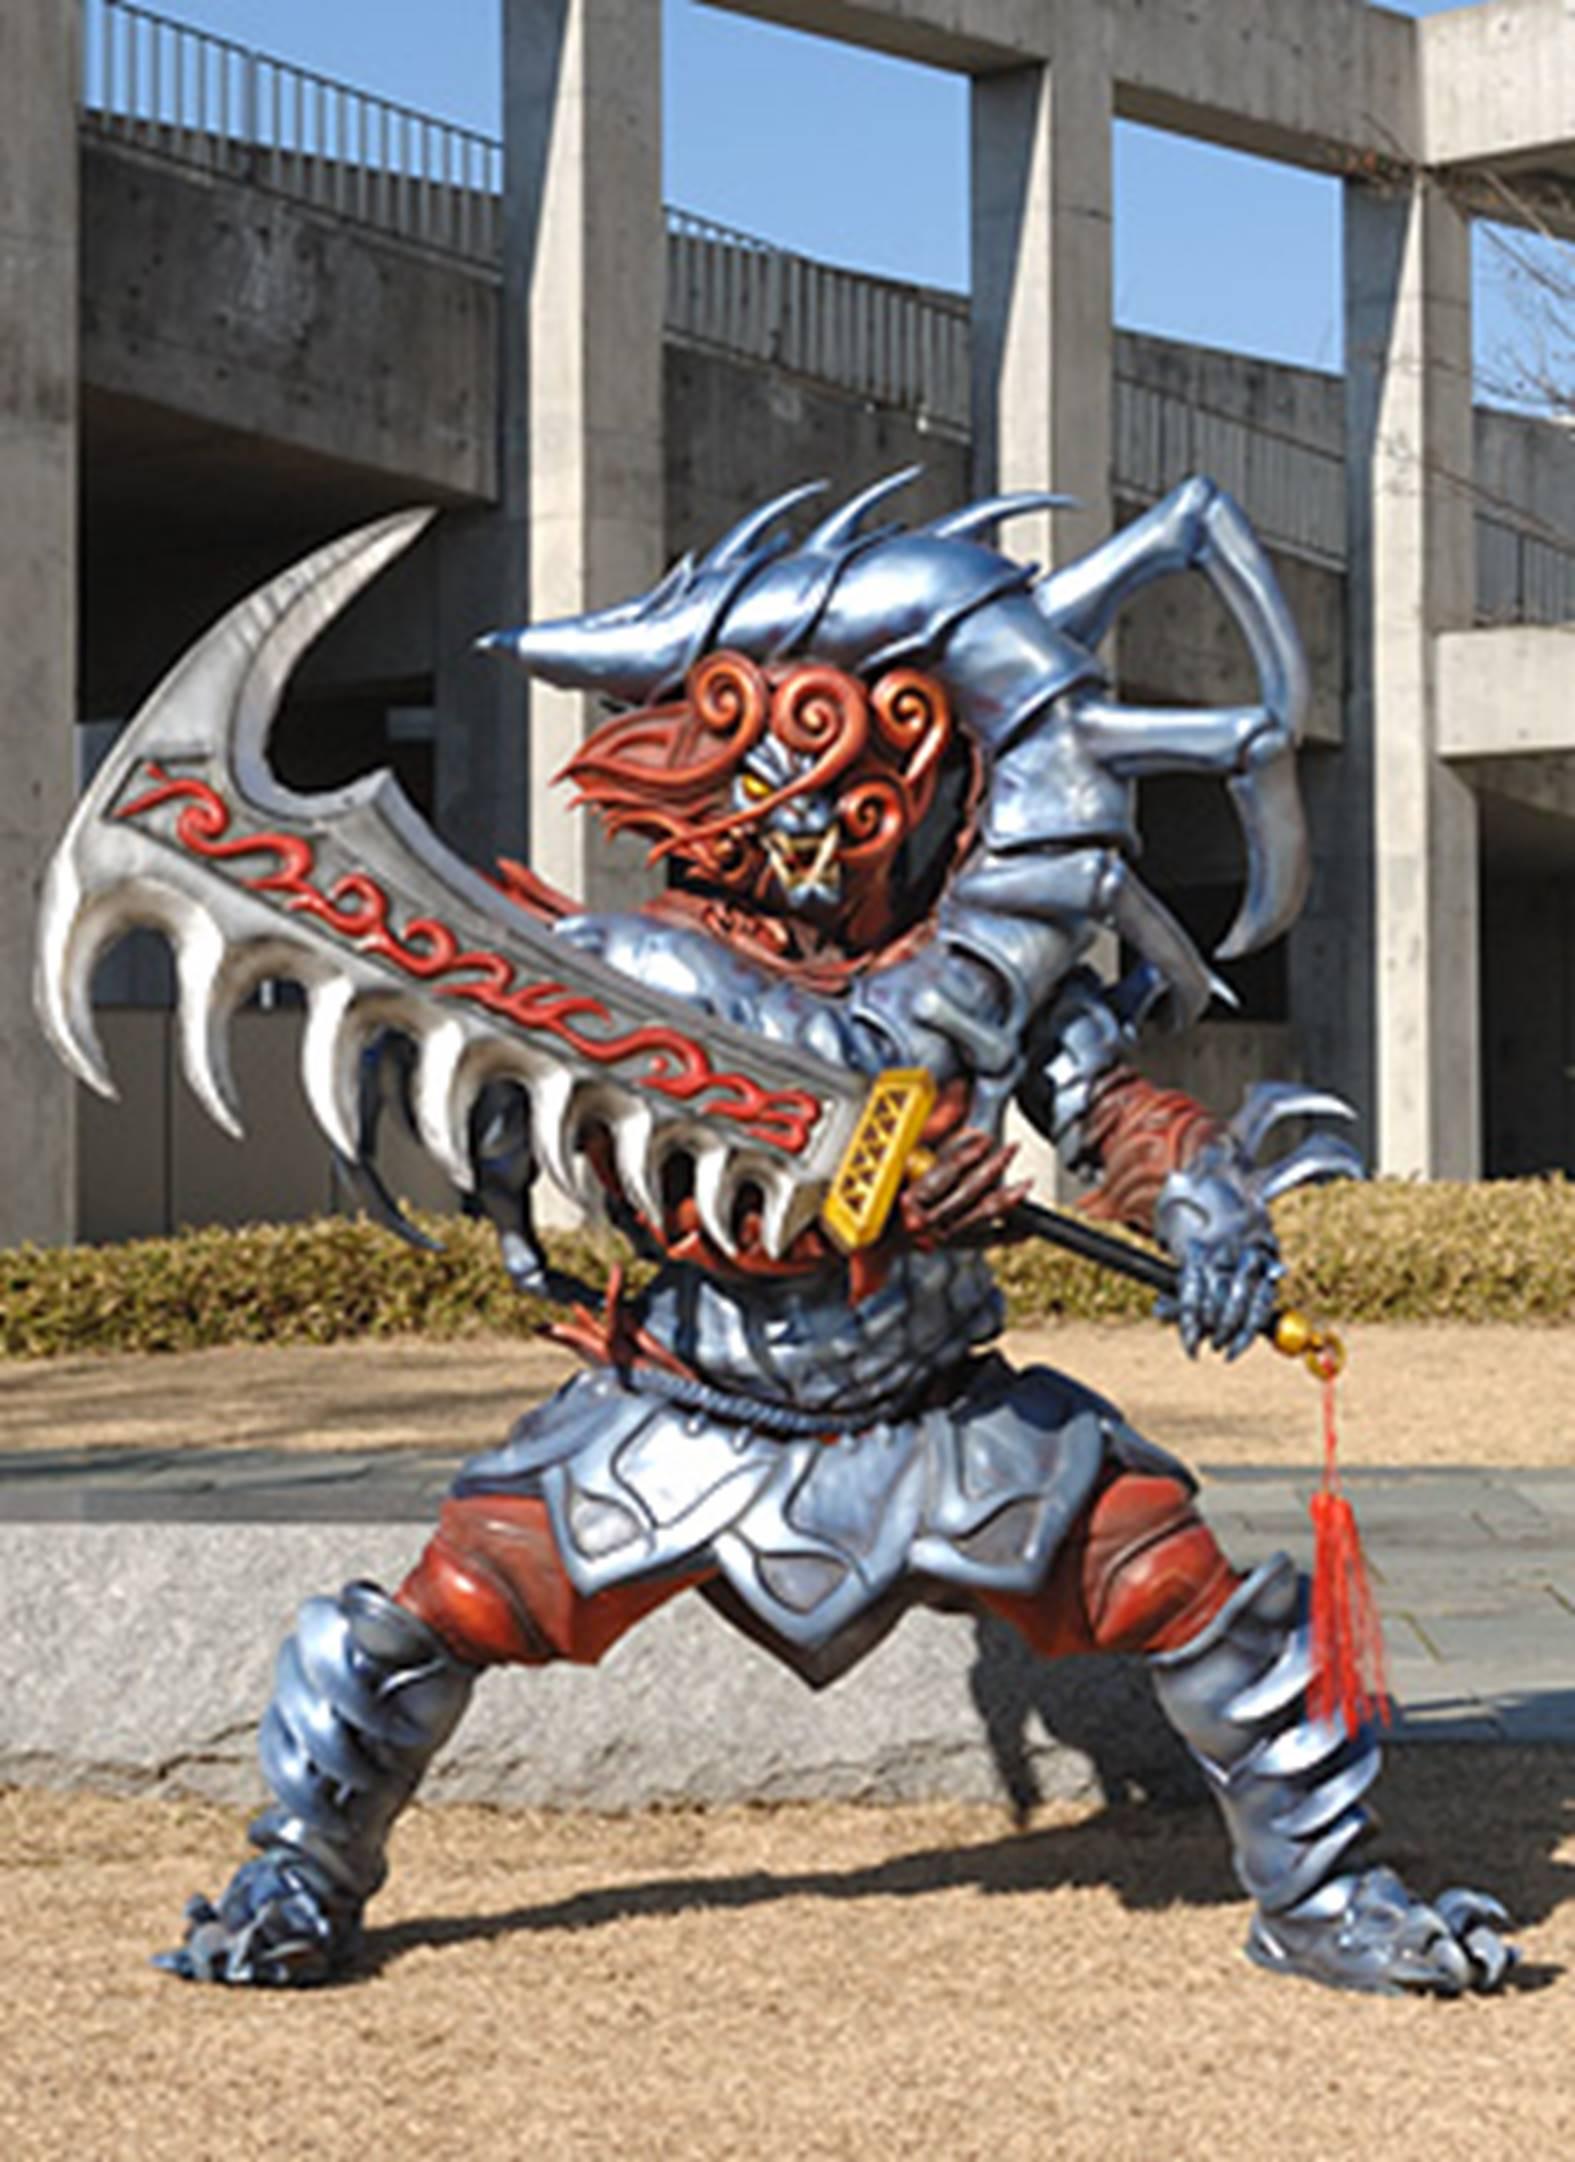 Scorpionic rangerwiki fandom powered by wikia - Power ranger samurai rose ...